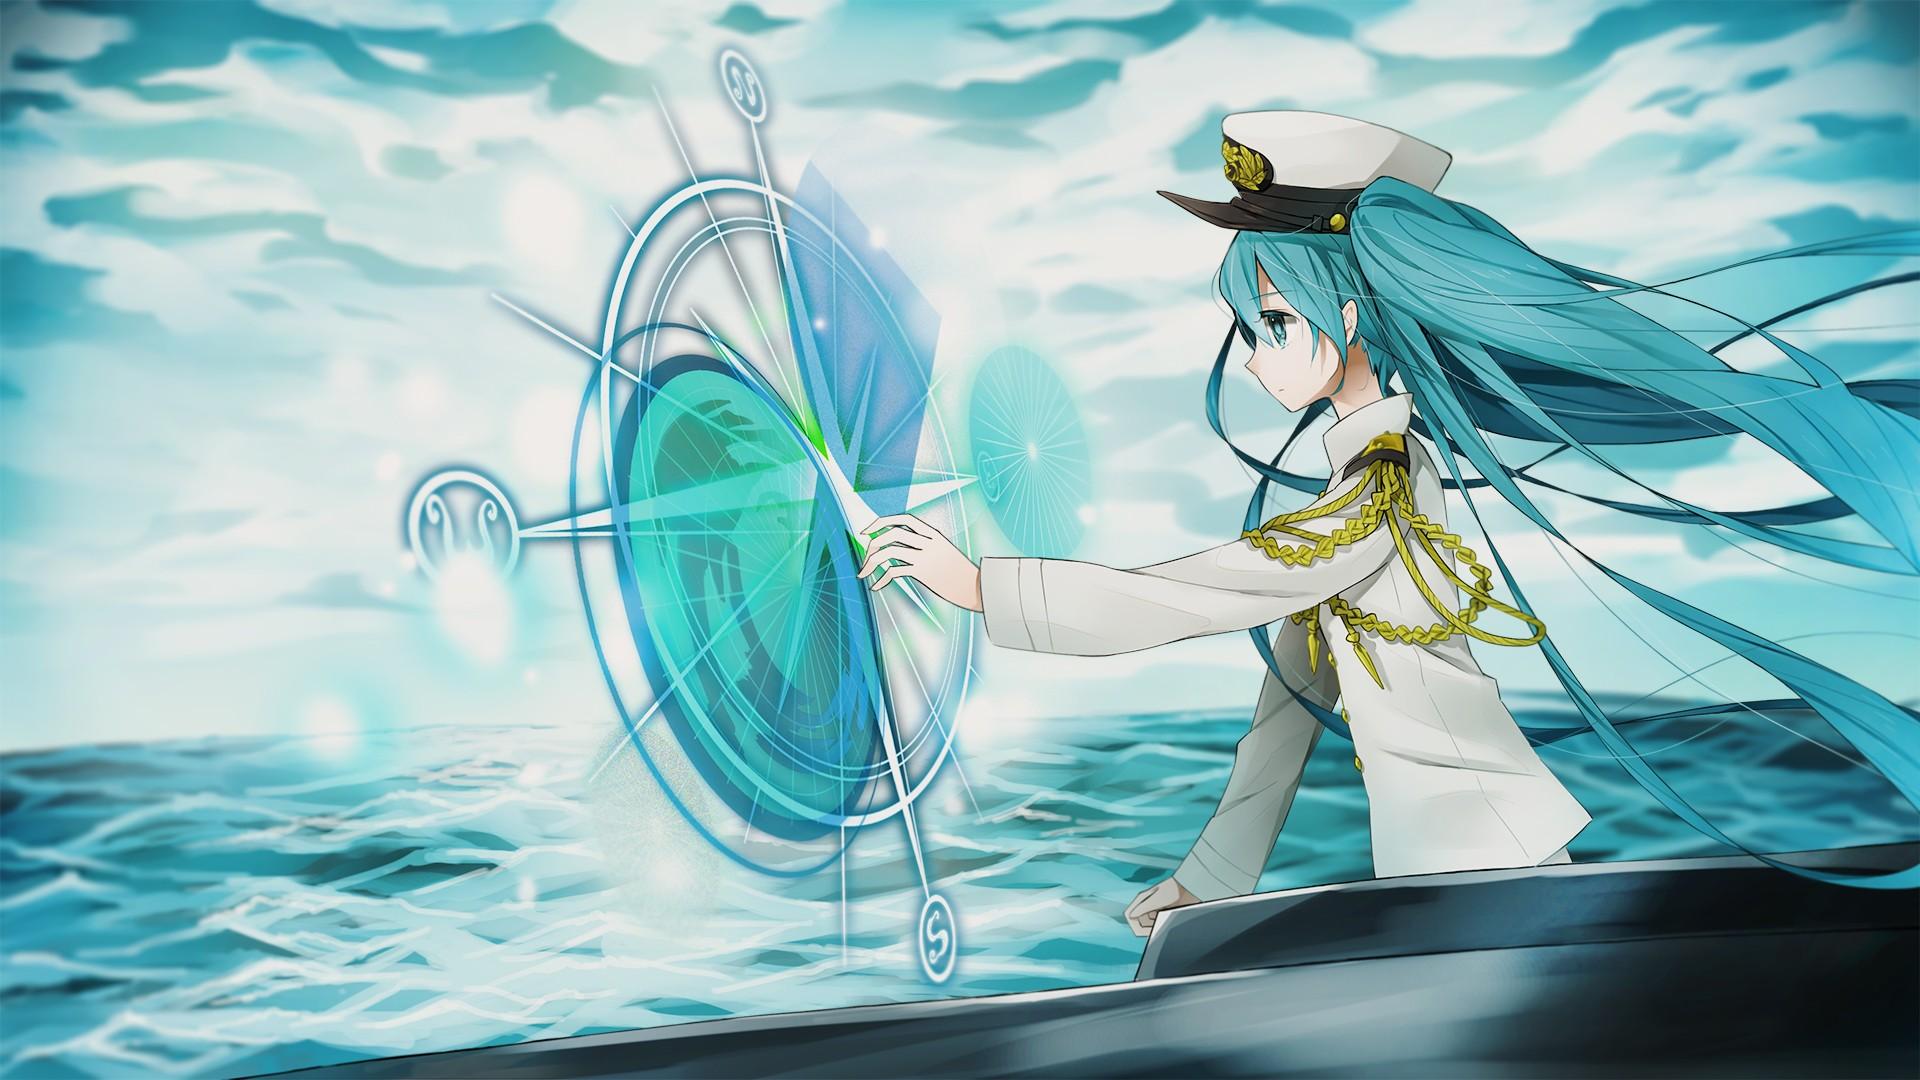 デスクトップ壁紙 図 長い髪 アニメの女の子 帽子 雲 青